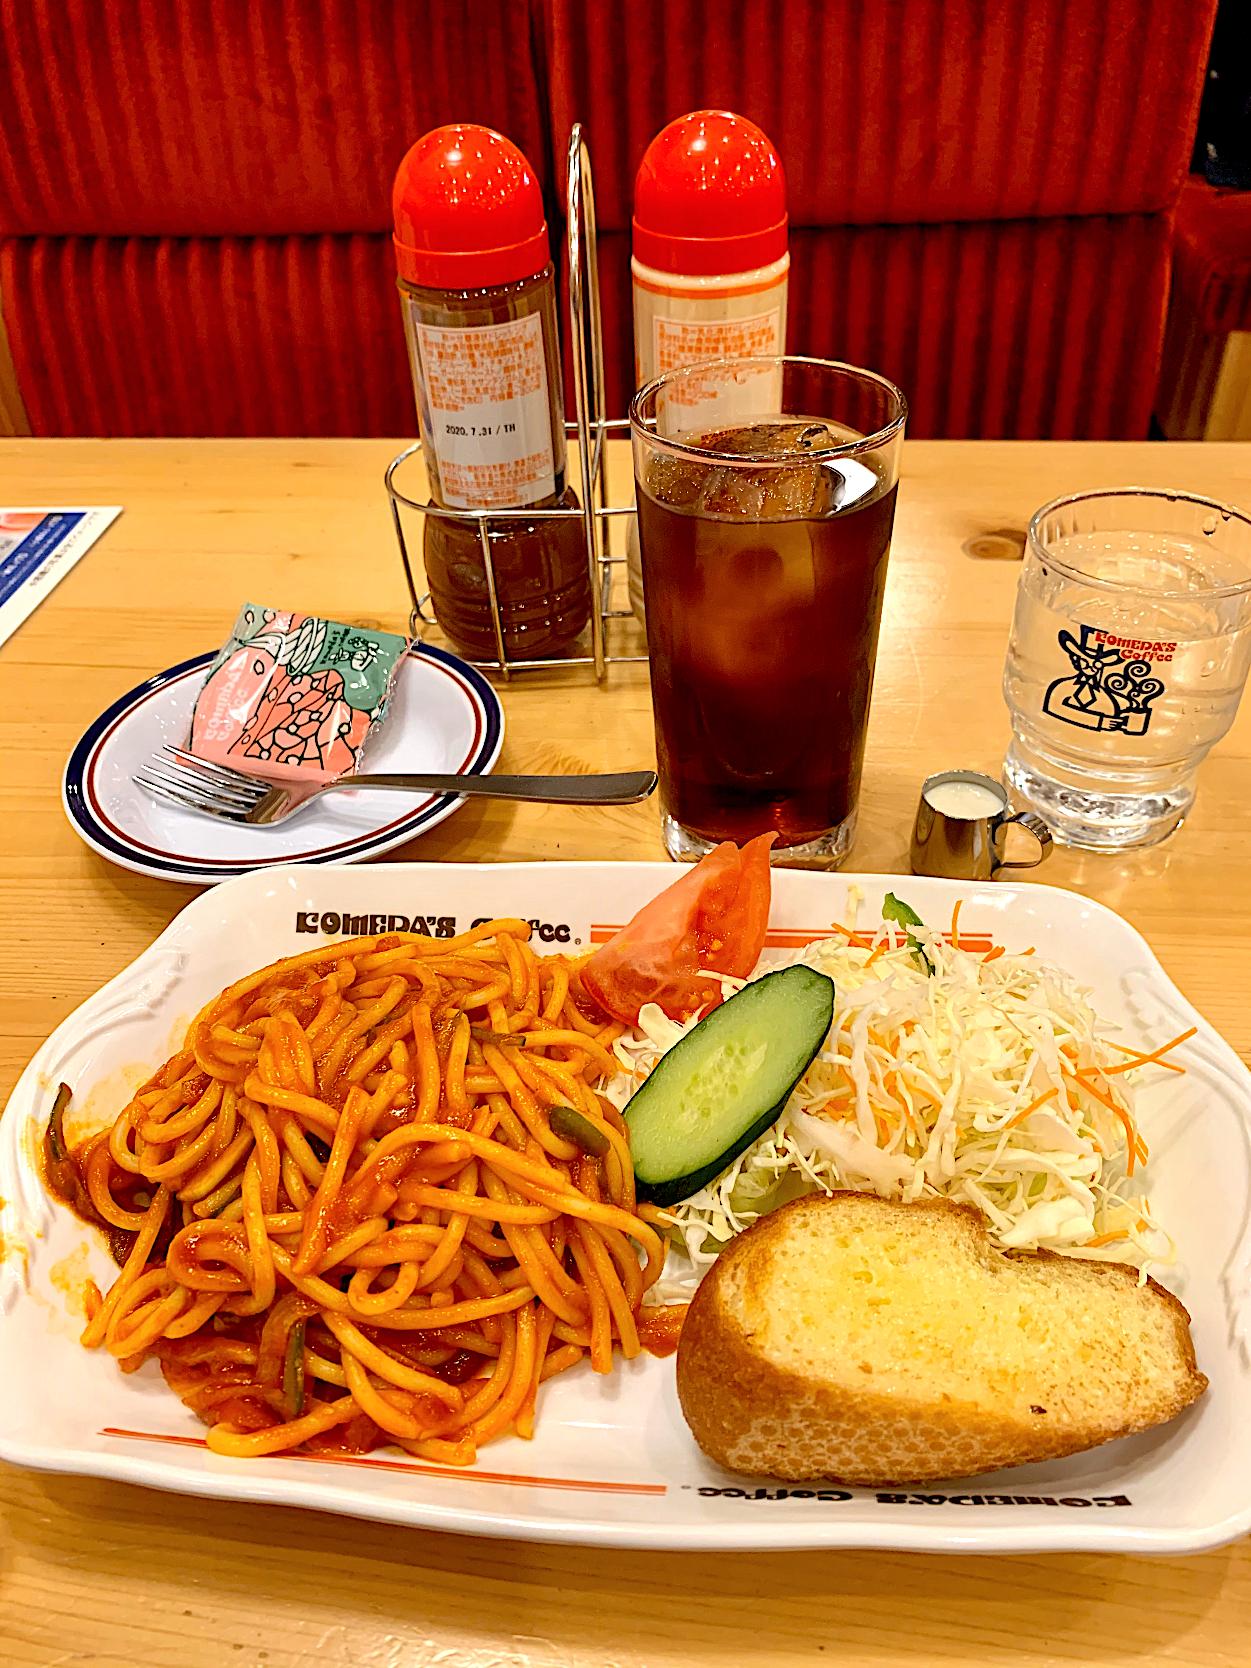 ナポリタン コメダ コメダ珈琲店のスパゲッティメニュー「あんかけスパ」と「ナポリタン」を食べてきたよ。